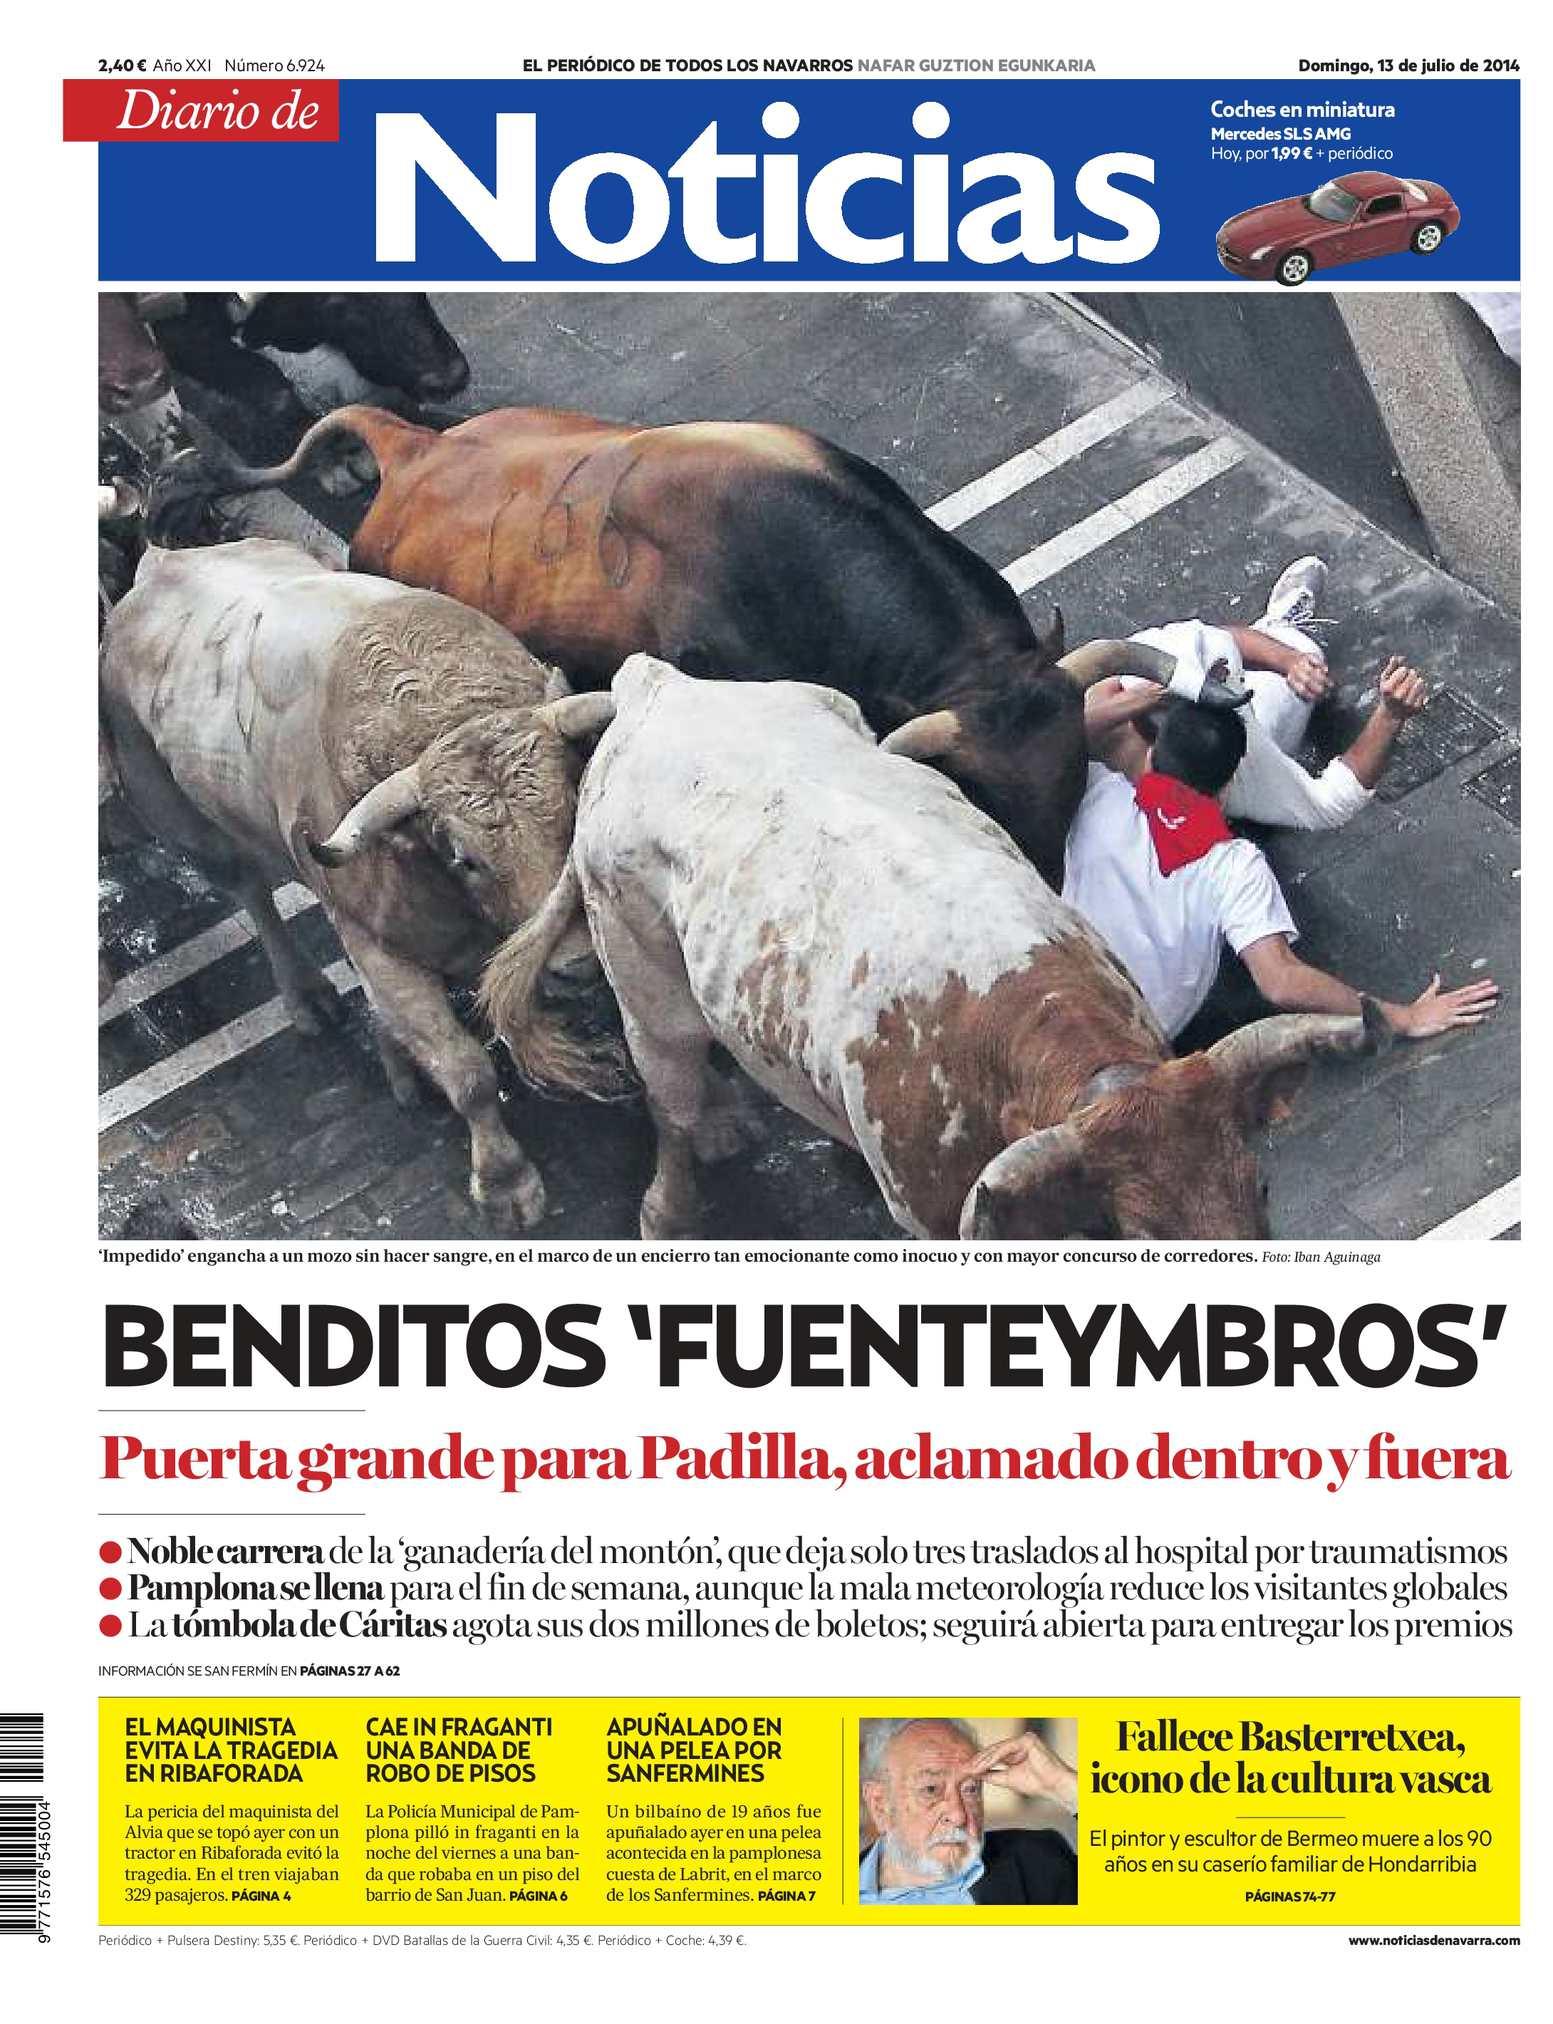 Noticias Calaméo De Calaméo 20140713 Noticias Calaméo Diario Diario Diario De 20140713 UzMSVp